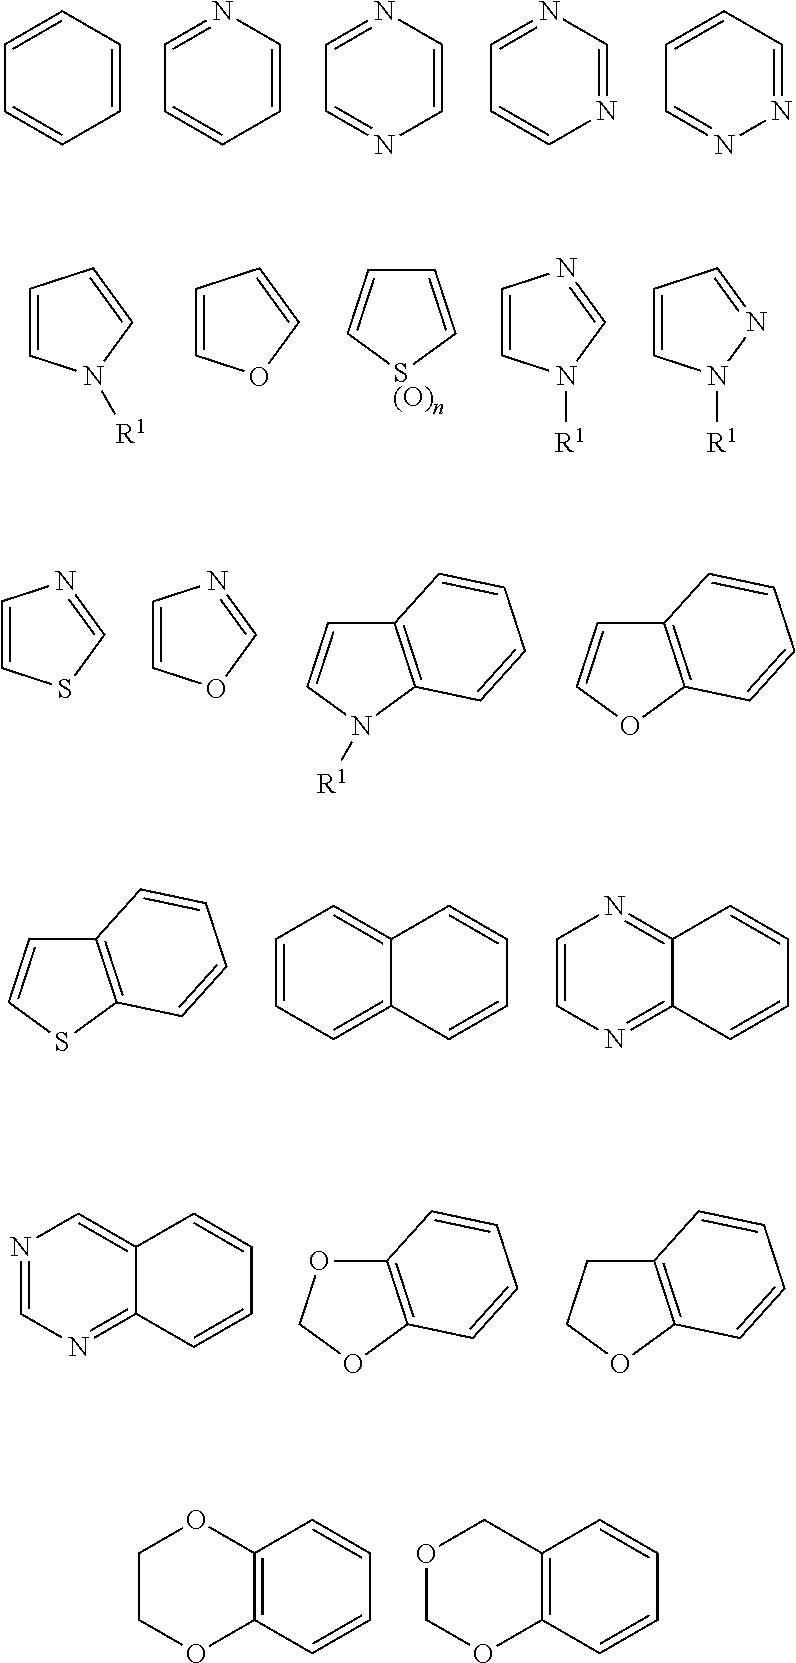 Figure US09475801-20161025-C00011